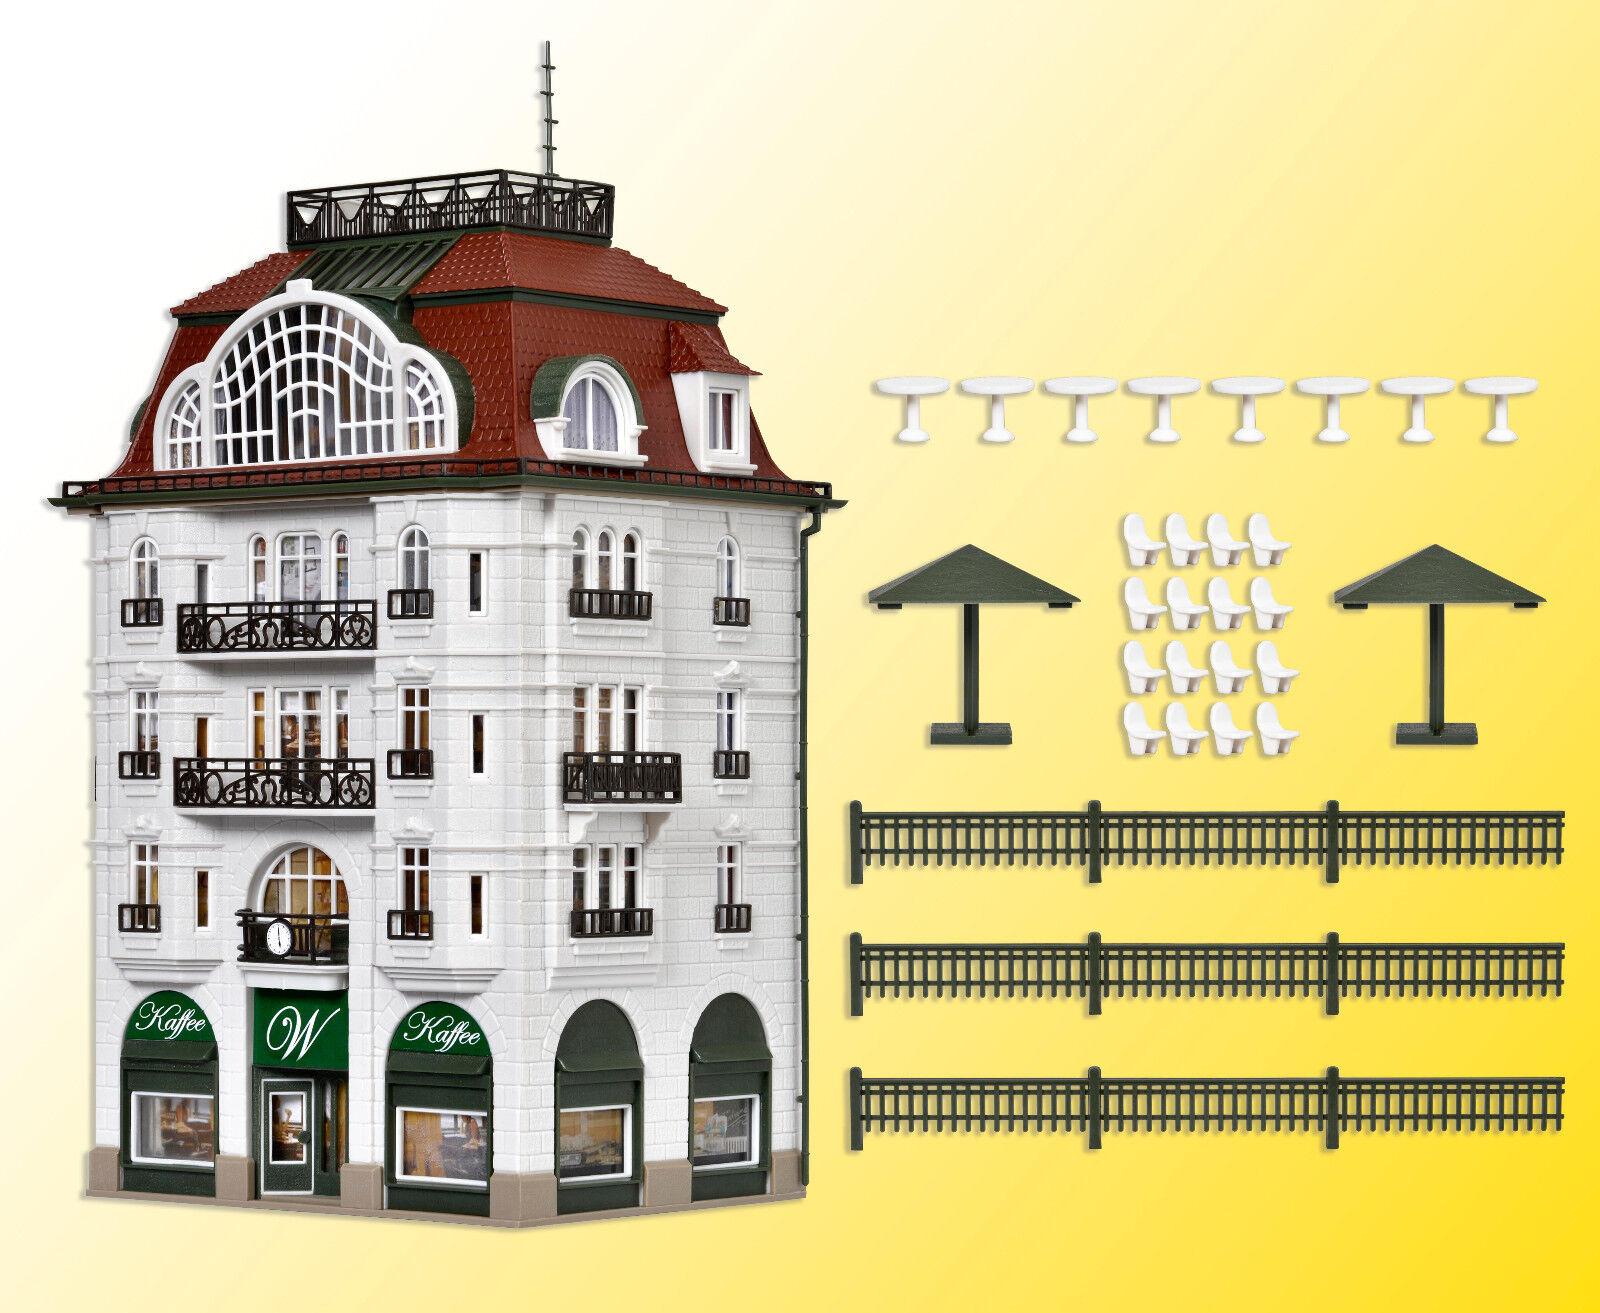 VOLLMER 43618 Spur H0, Wiener Wiener Wiener Kaffeehaus  NEU in OVP   | Für Ihre Wahl  f3a9a3